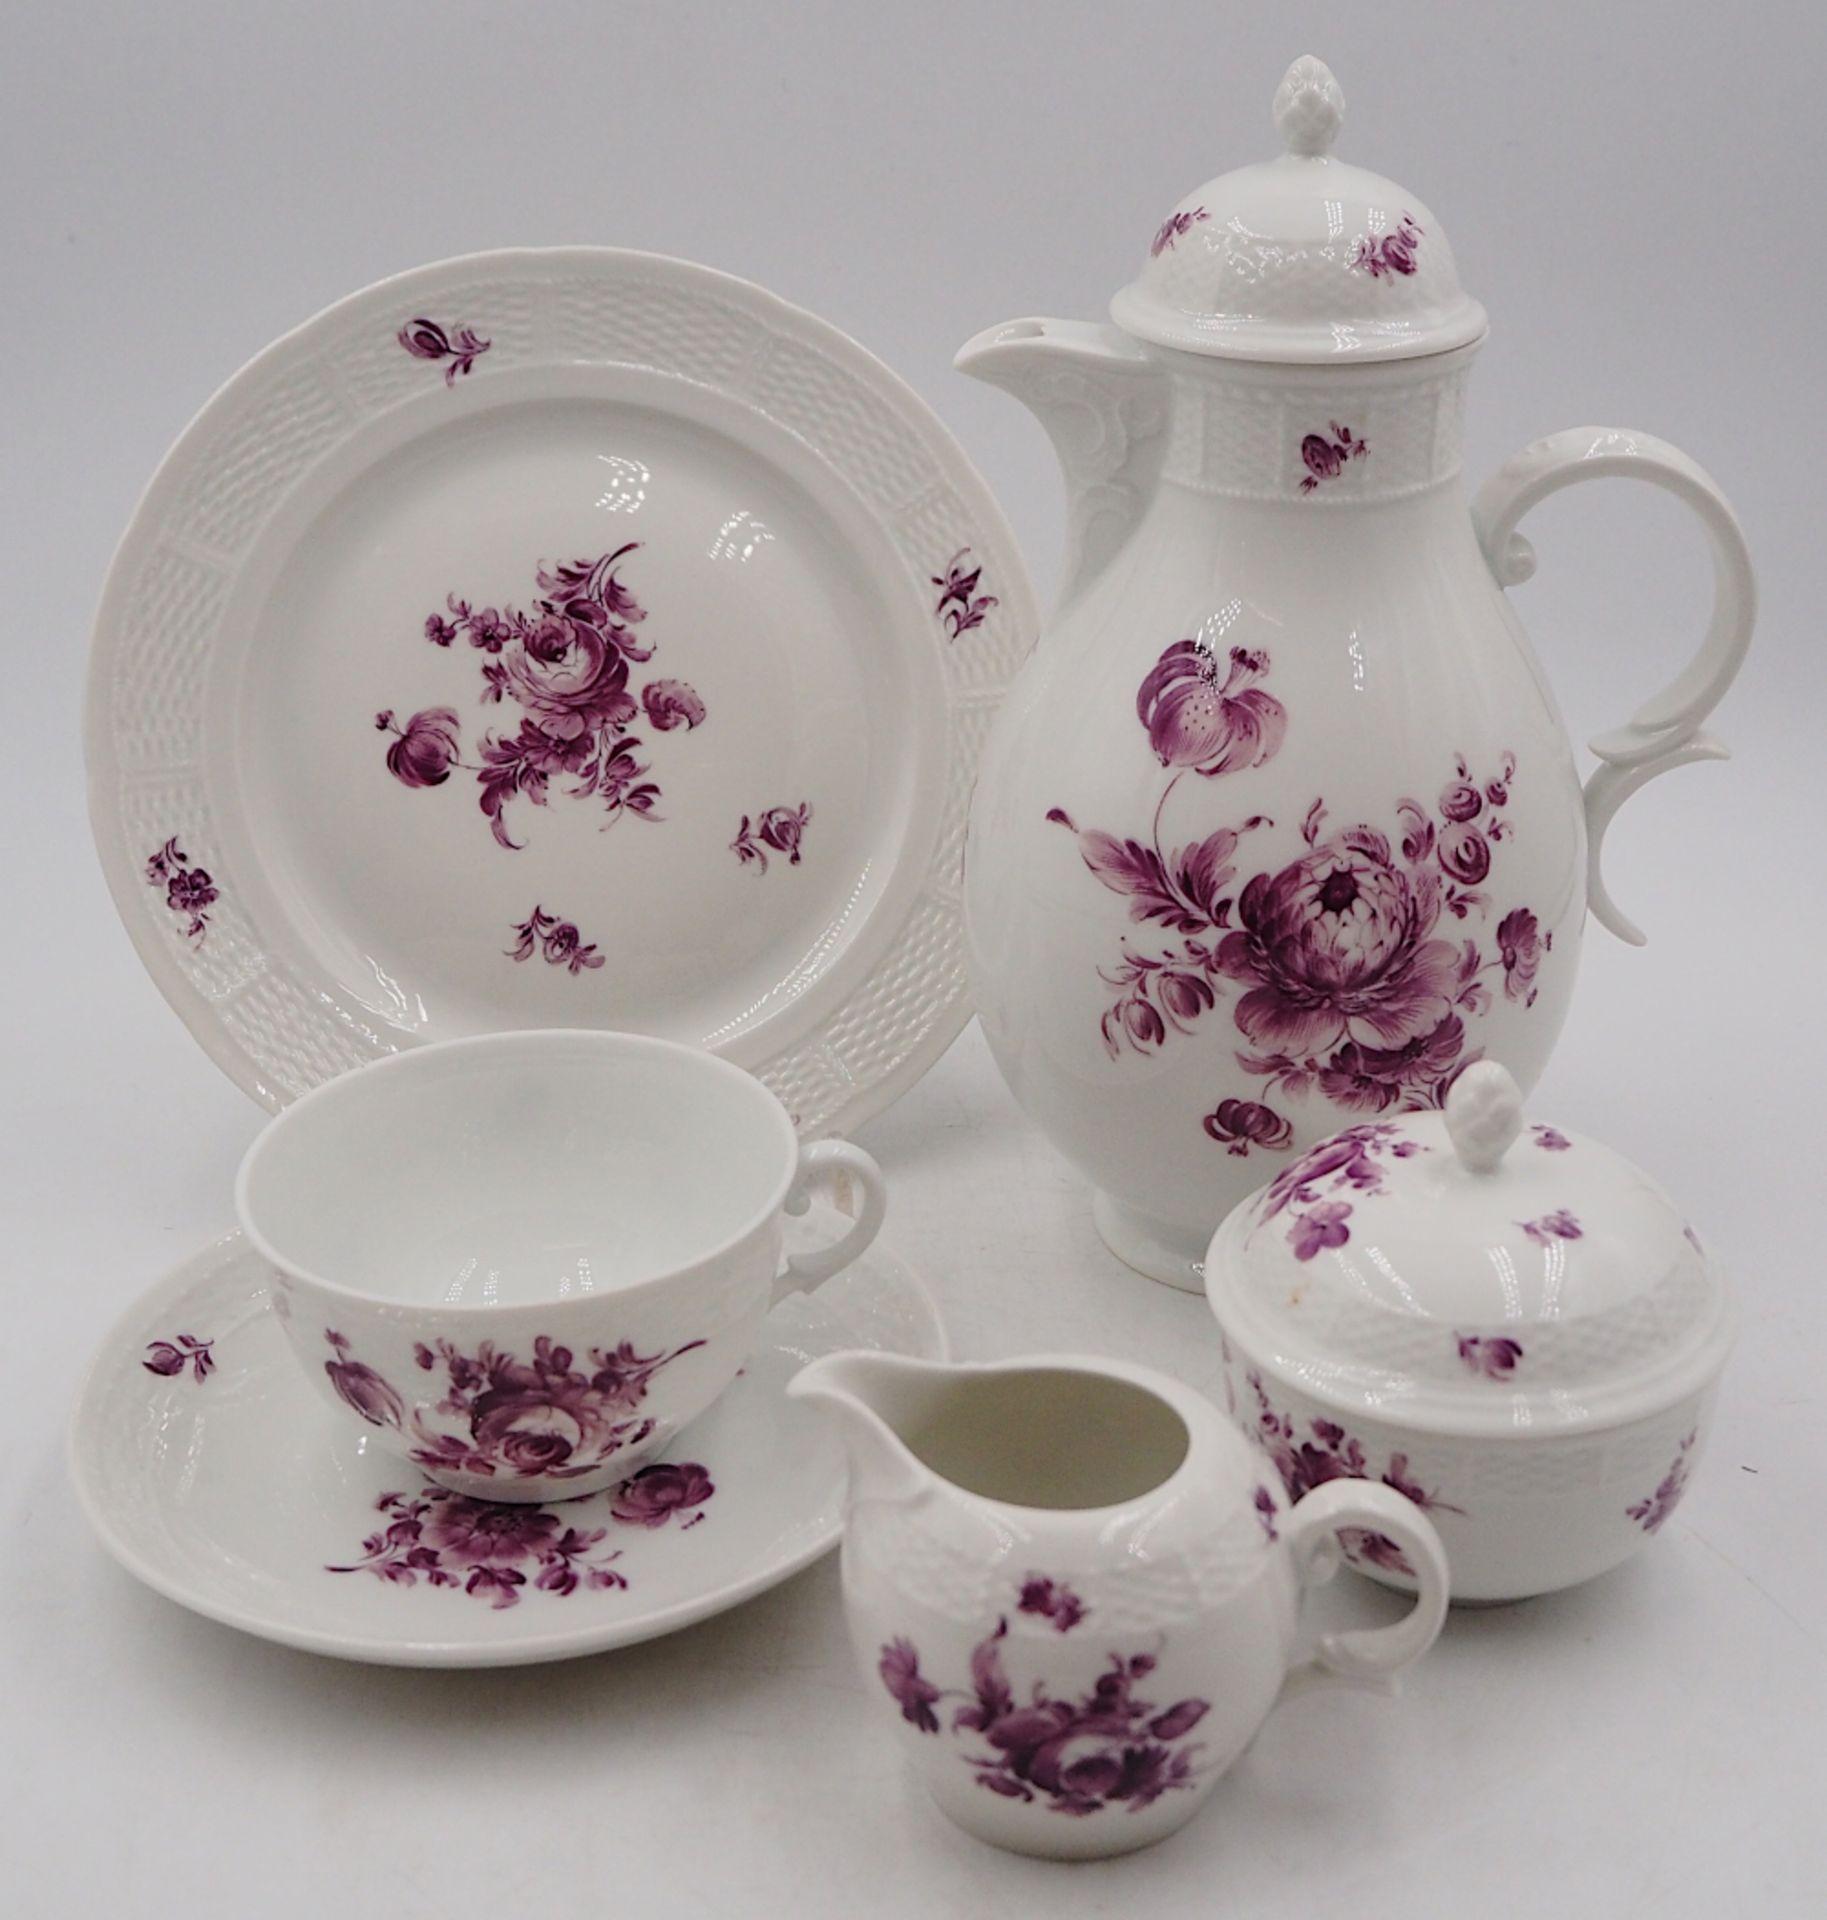 1 Kaffeeservice Porzellan NYMPHENBURG Unterglasurmarke, weiß mit violettem Blumendeko